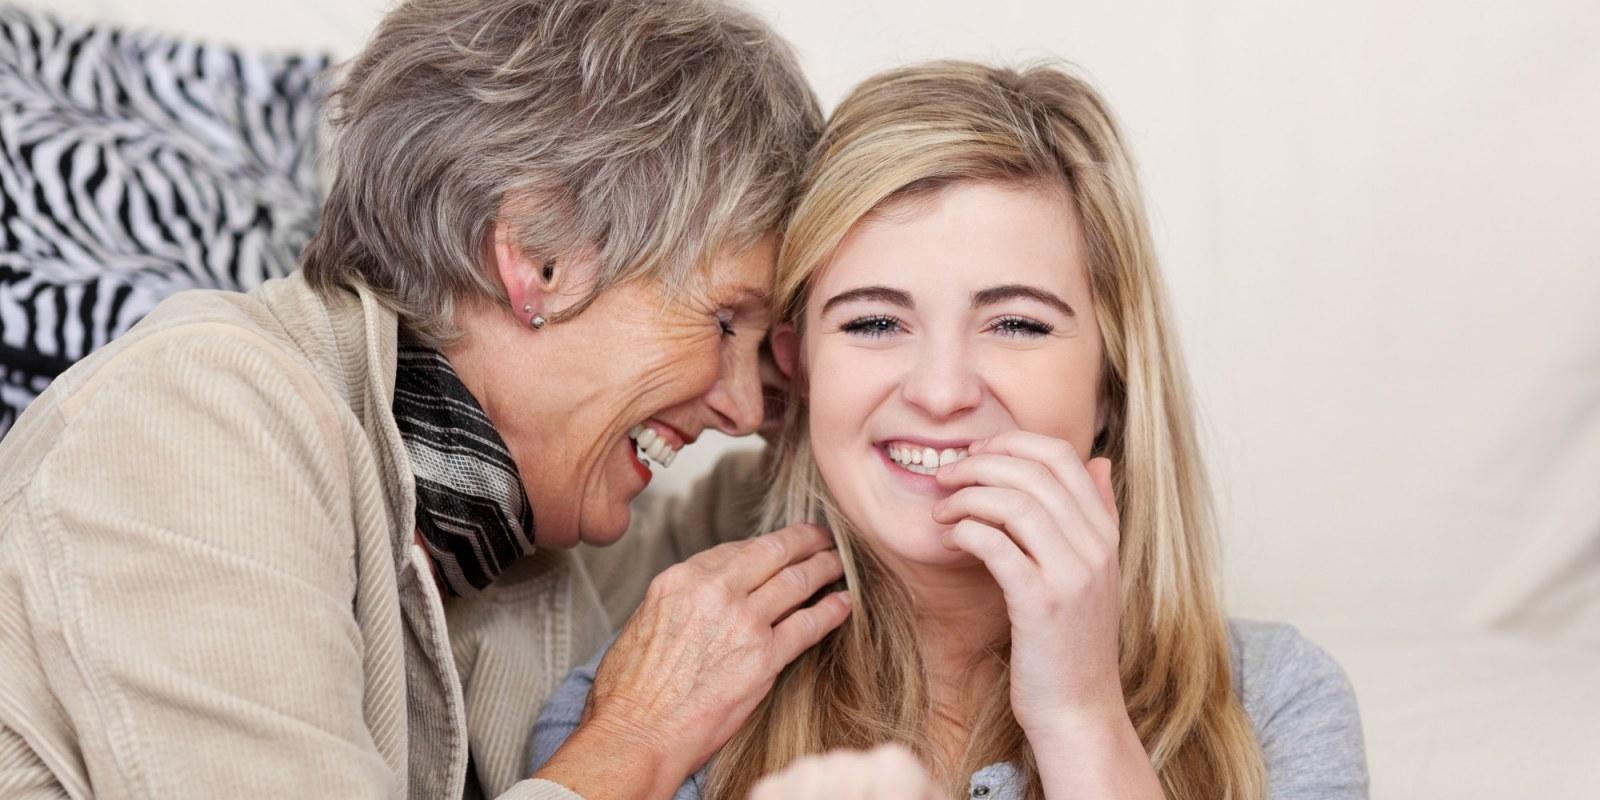 Compañía a personas mayores en el extranjero